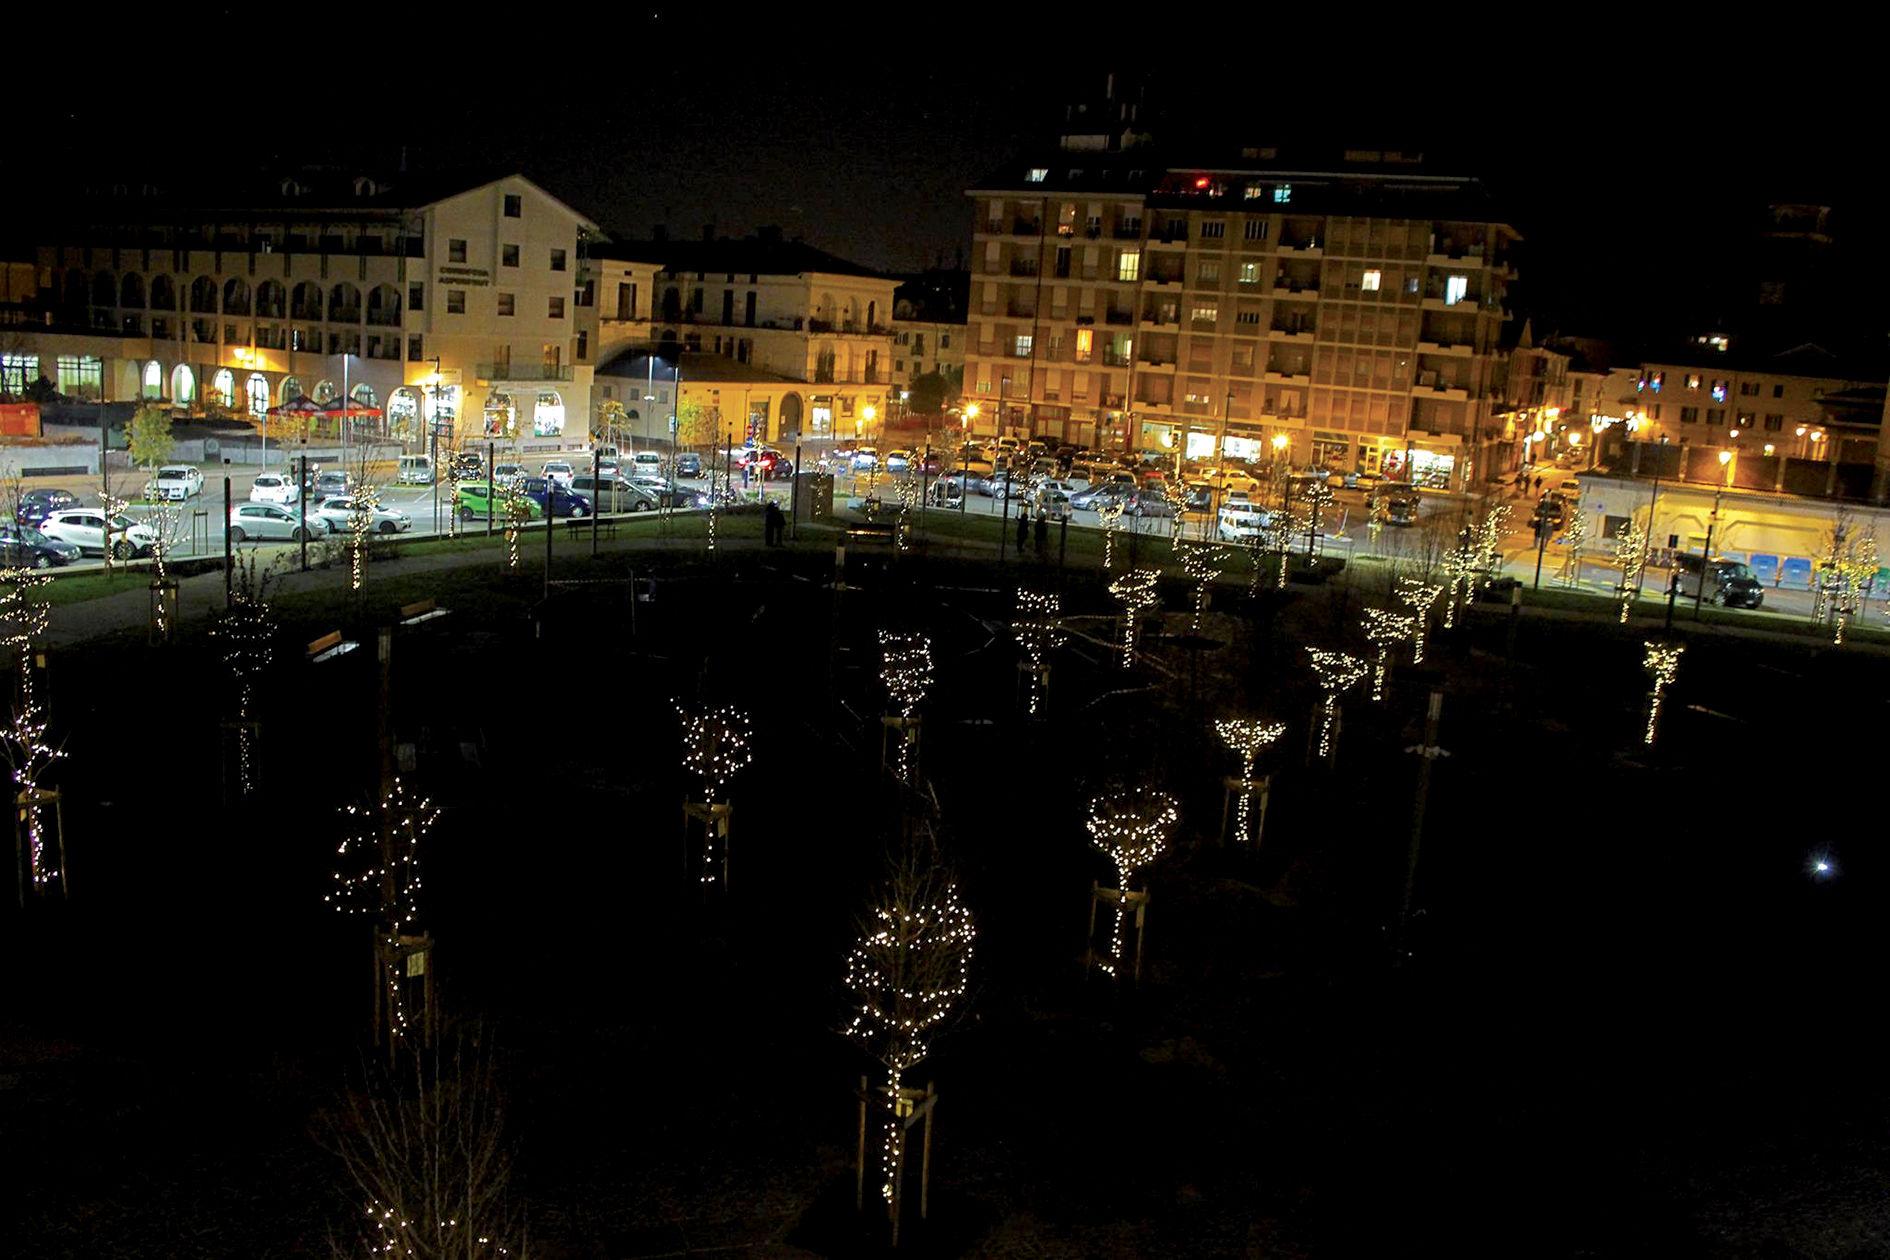 La Guida - Si cercano 130 volontari per accendere  le luci in piazza Foro Boario